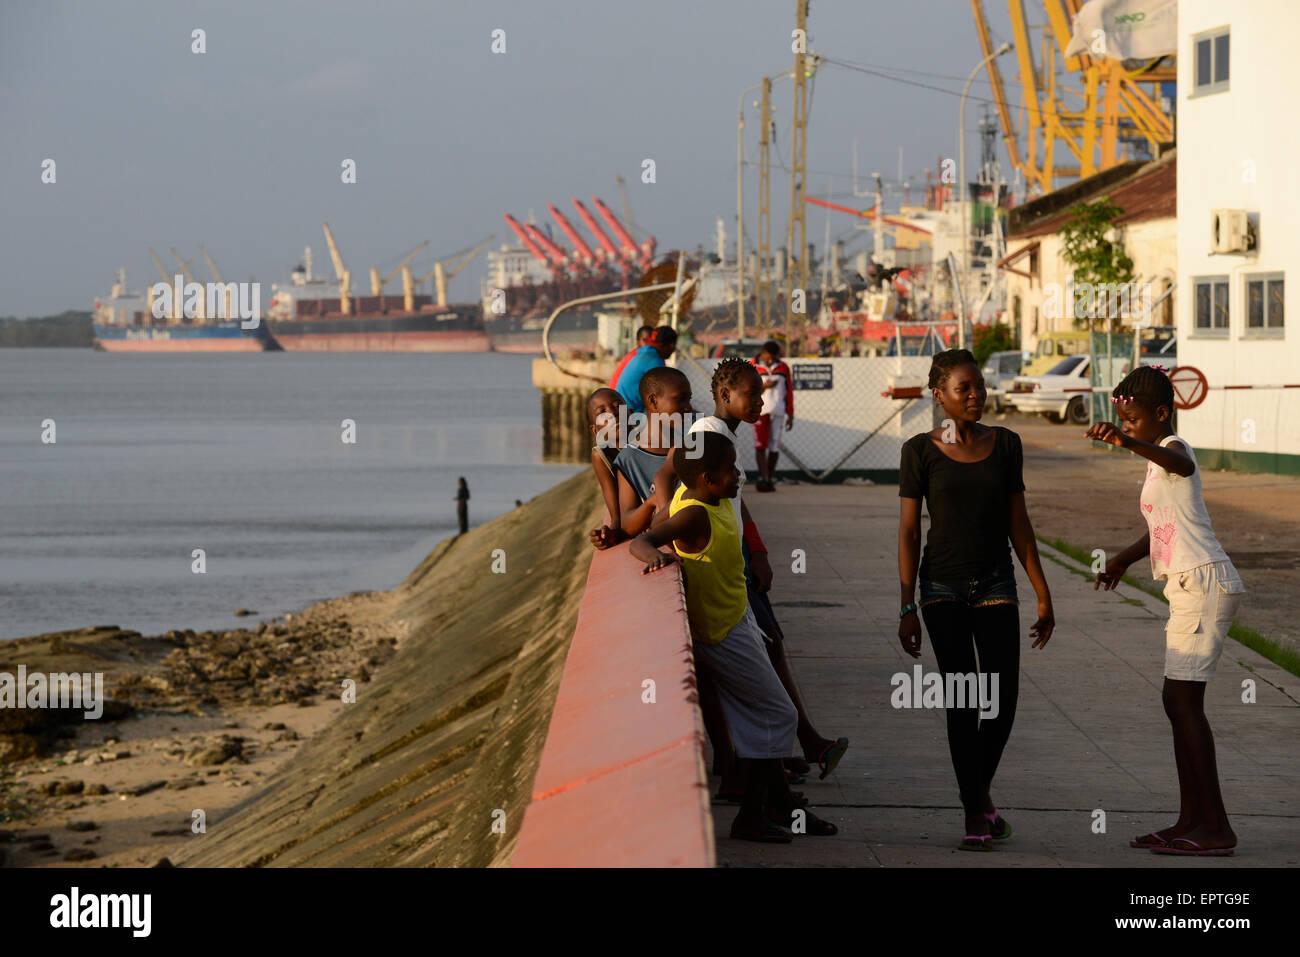 Beira mozambique of port 2.1.1 Mozambique